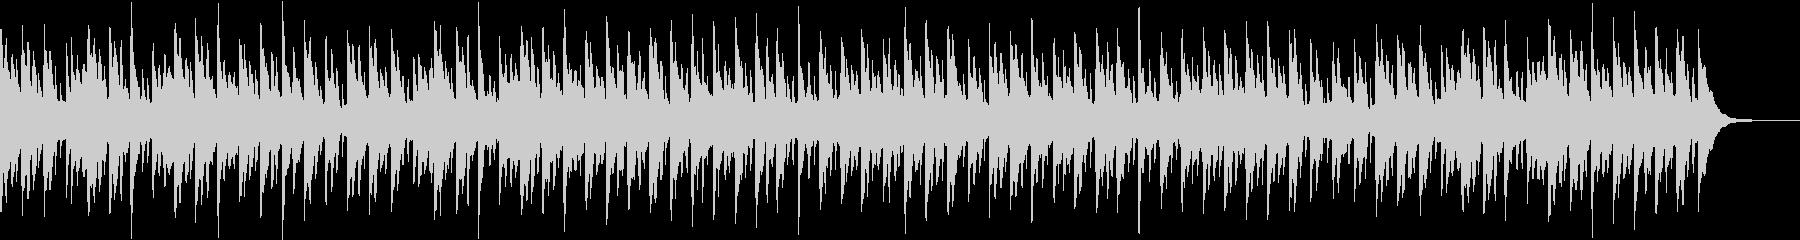 癒し系のオルゴール風BGMの未再生の波形